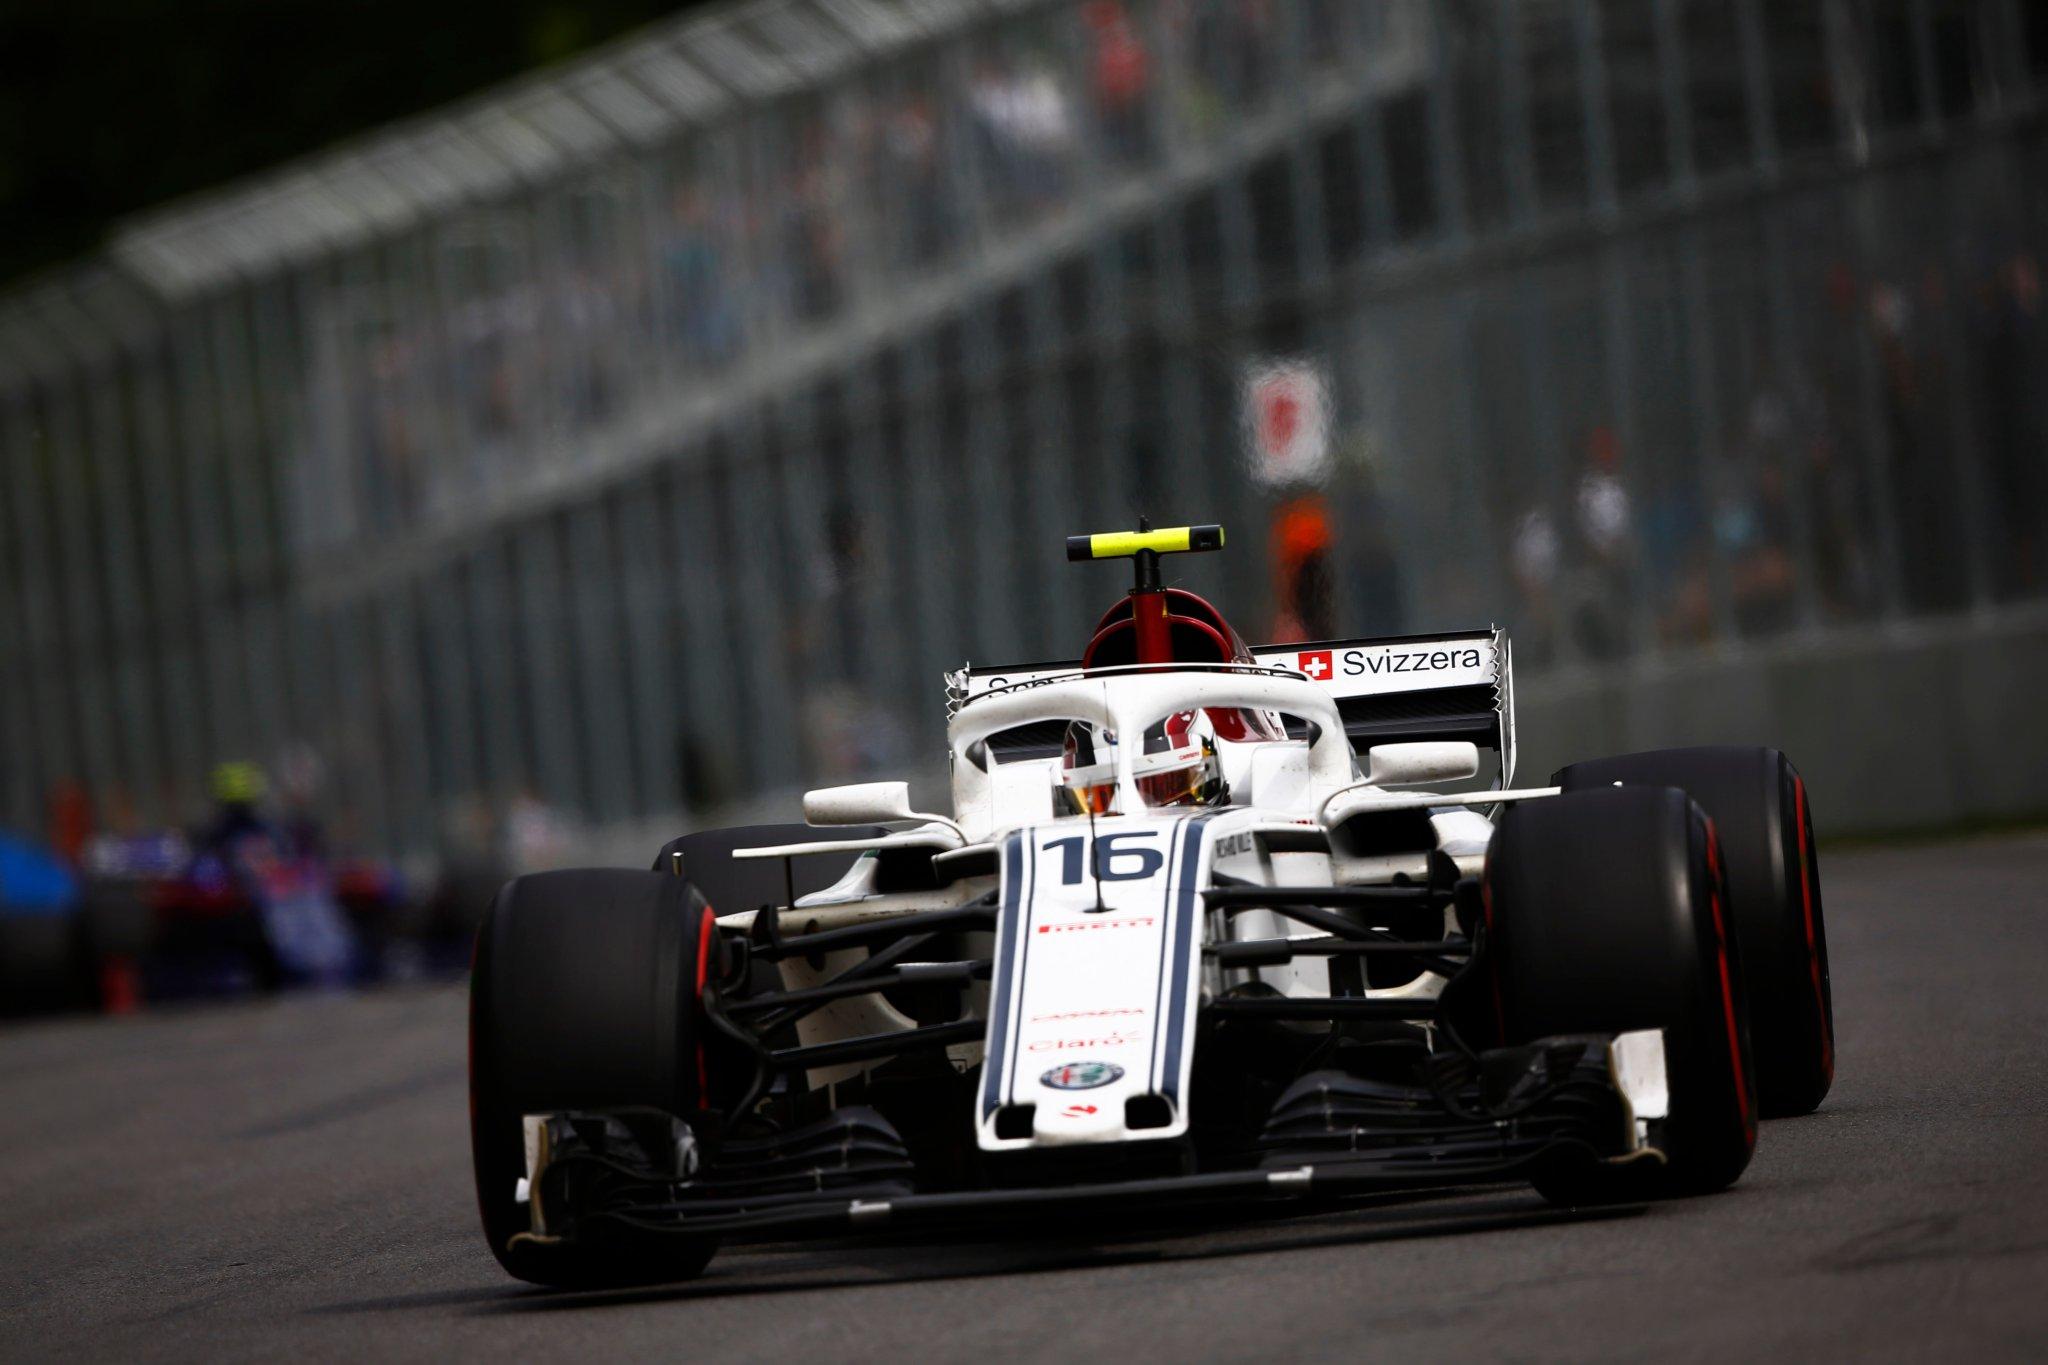 Шарль Леклер за рулём болида Sauber